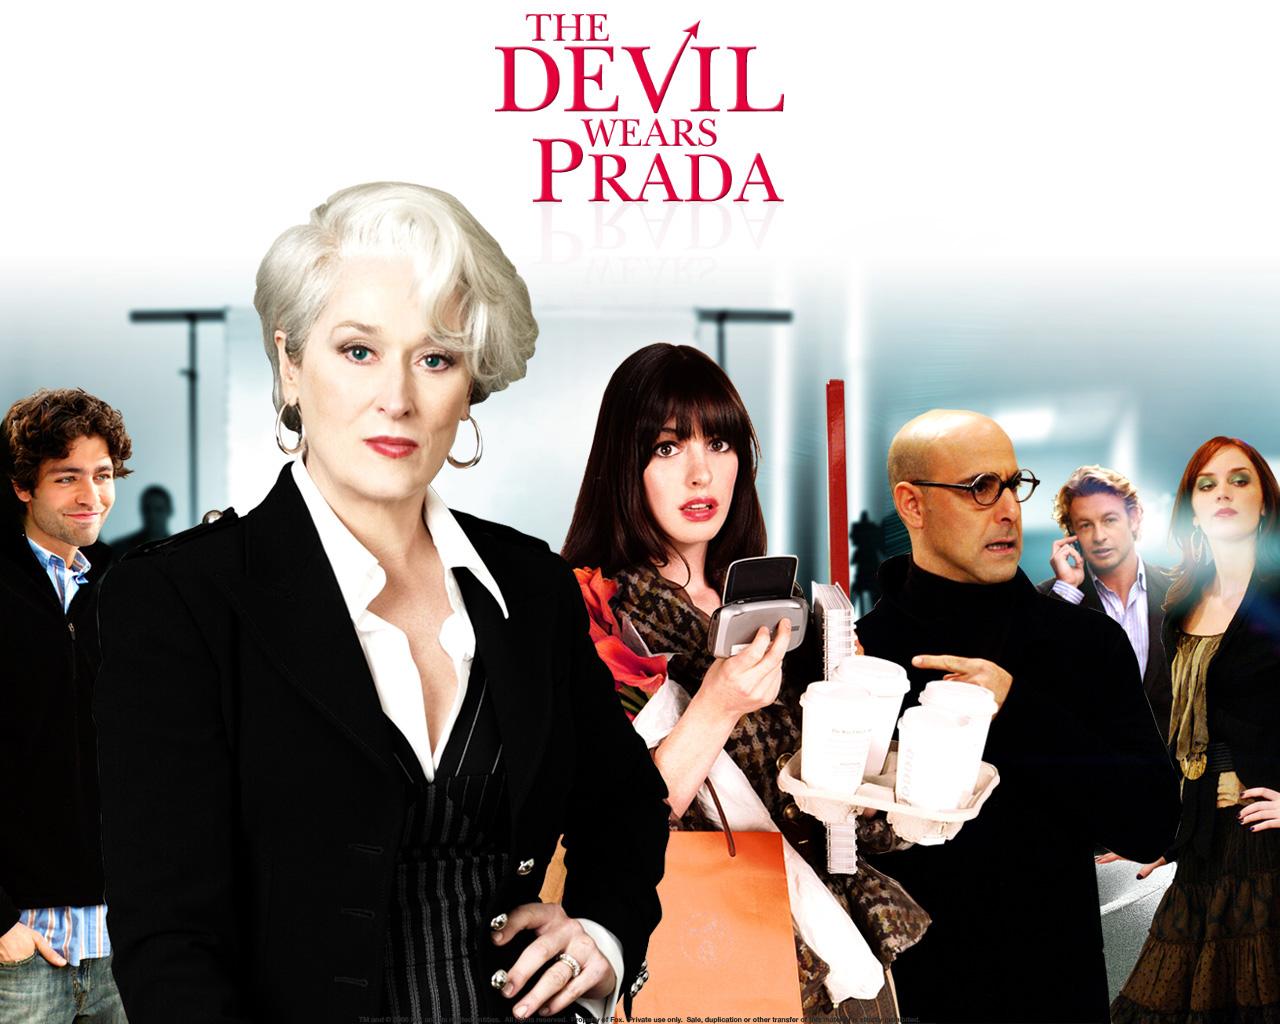 http://1.bp.blogspot.com/-ySCUOVs3te0/TpNy0UQcXJI/AAAAAAAABC4/Jjvg-F8oigM/s1600/The+Devil+Wears+Prada+2006+-+Anne+Hathaway+Meryl+Streep.jpg